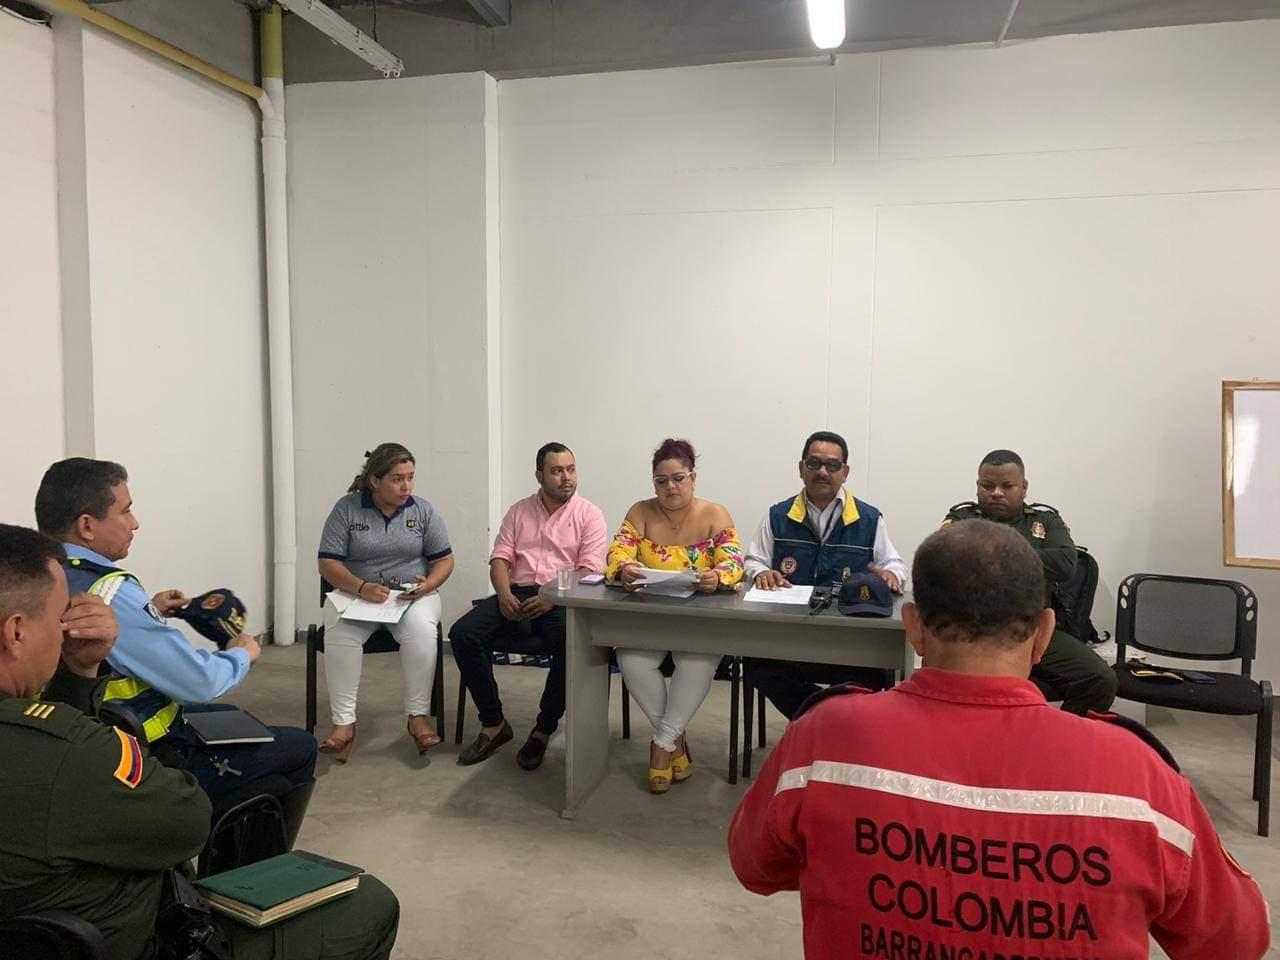 Medidas para Alianza Petrolera Vs. Junior. Comisión para seguridad invita a una fiesta en paz | EL FRENTE